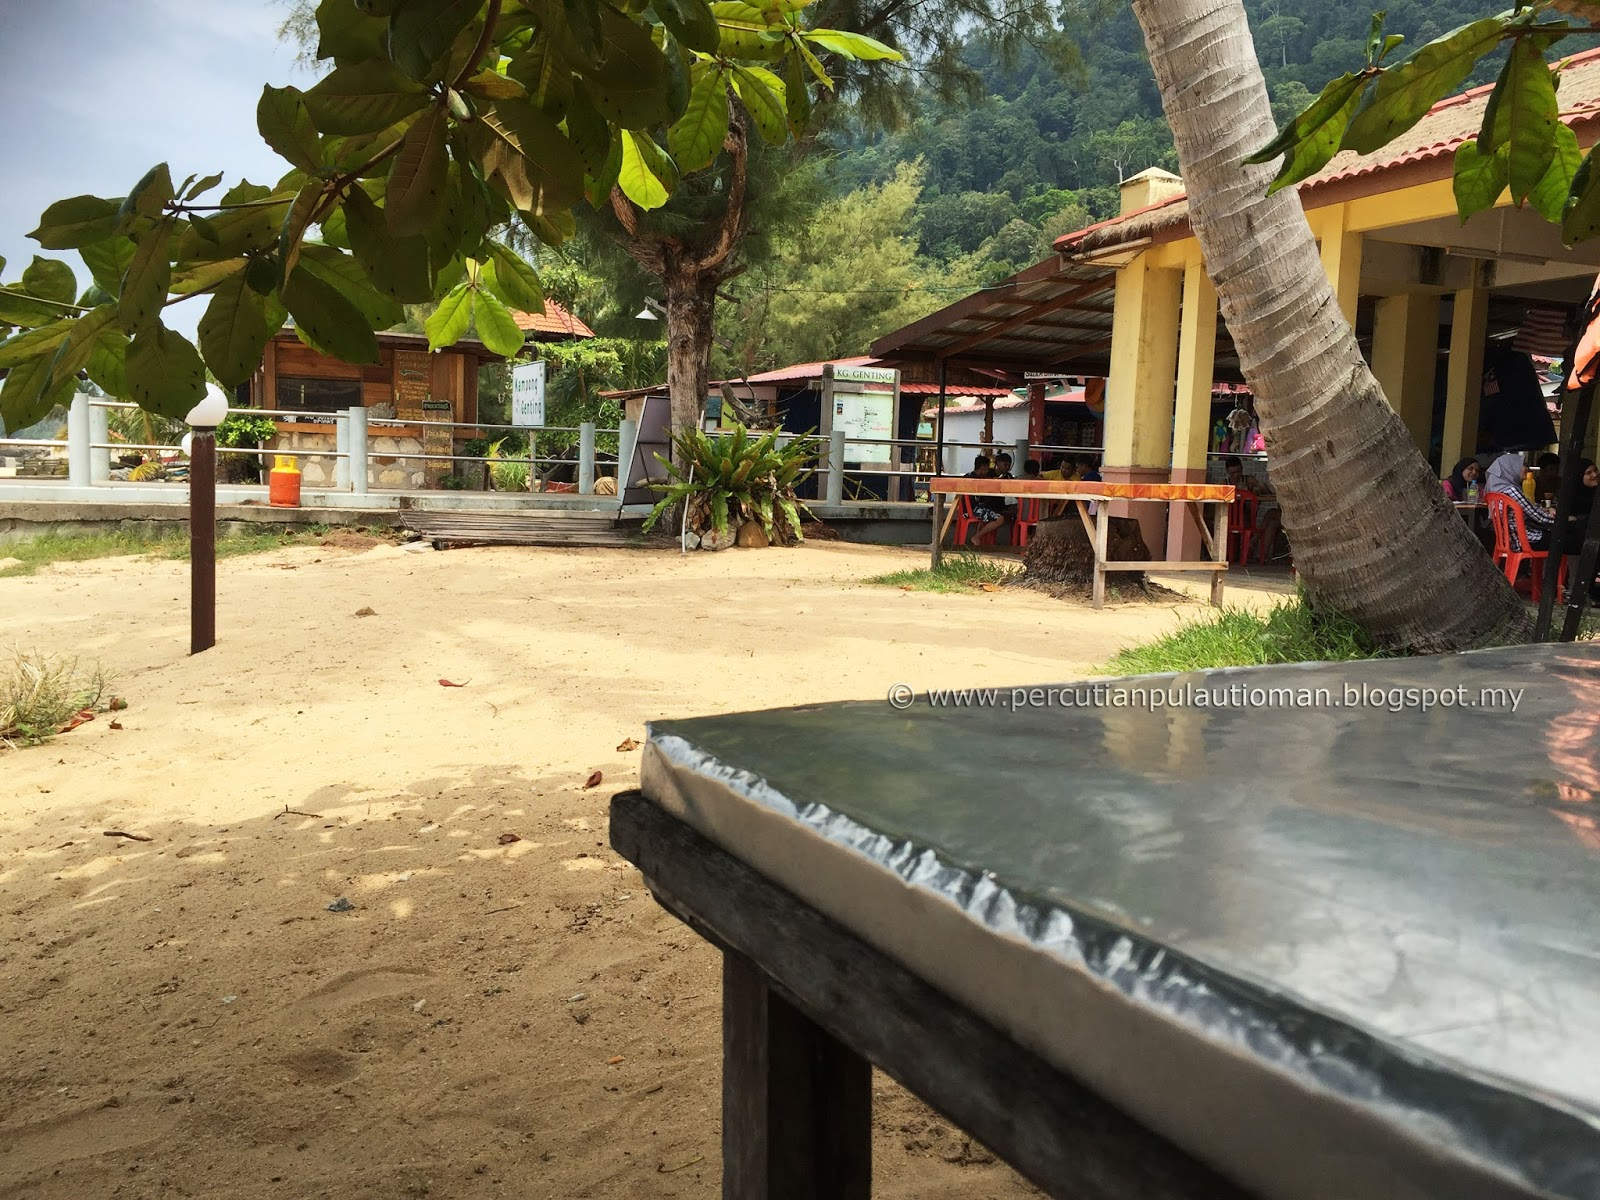 Keadaan Terkini Di Pulau Tioman With Drone